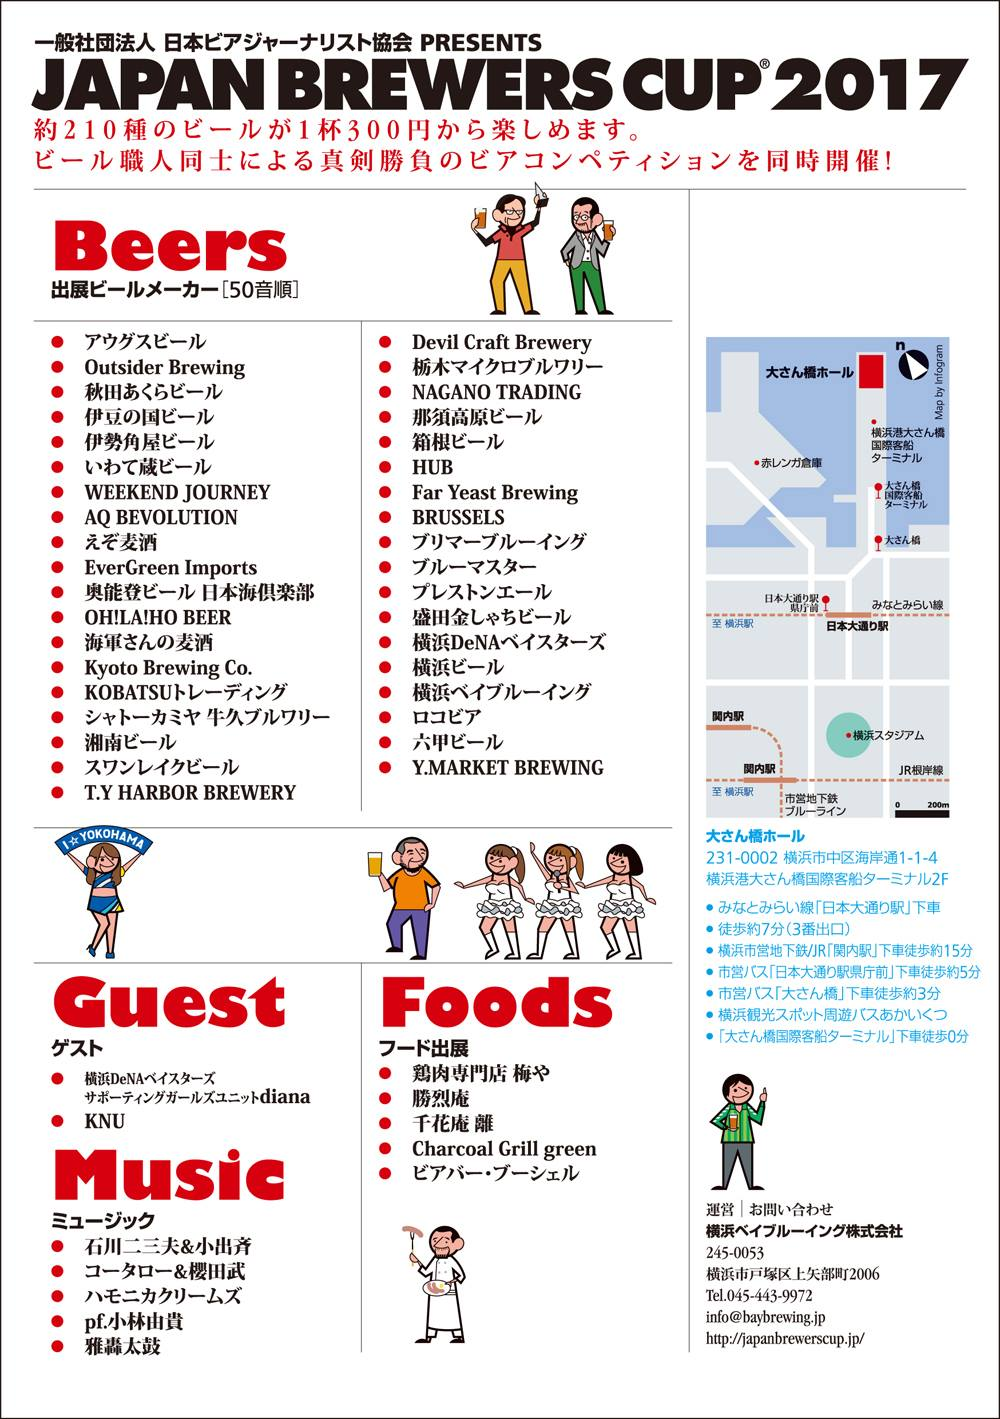 http://japanbrewerscup.jp/15785804_1167153503391547_1311299050_o.jpg